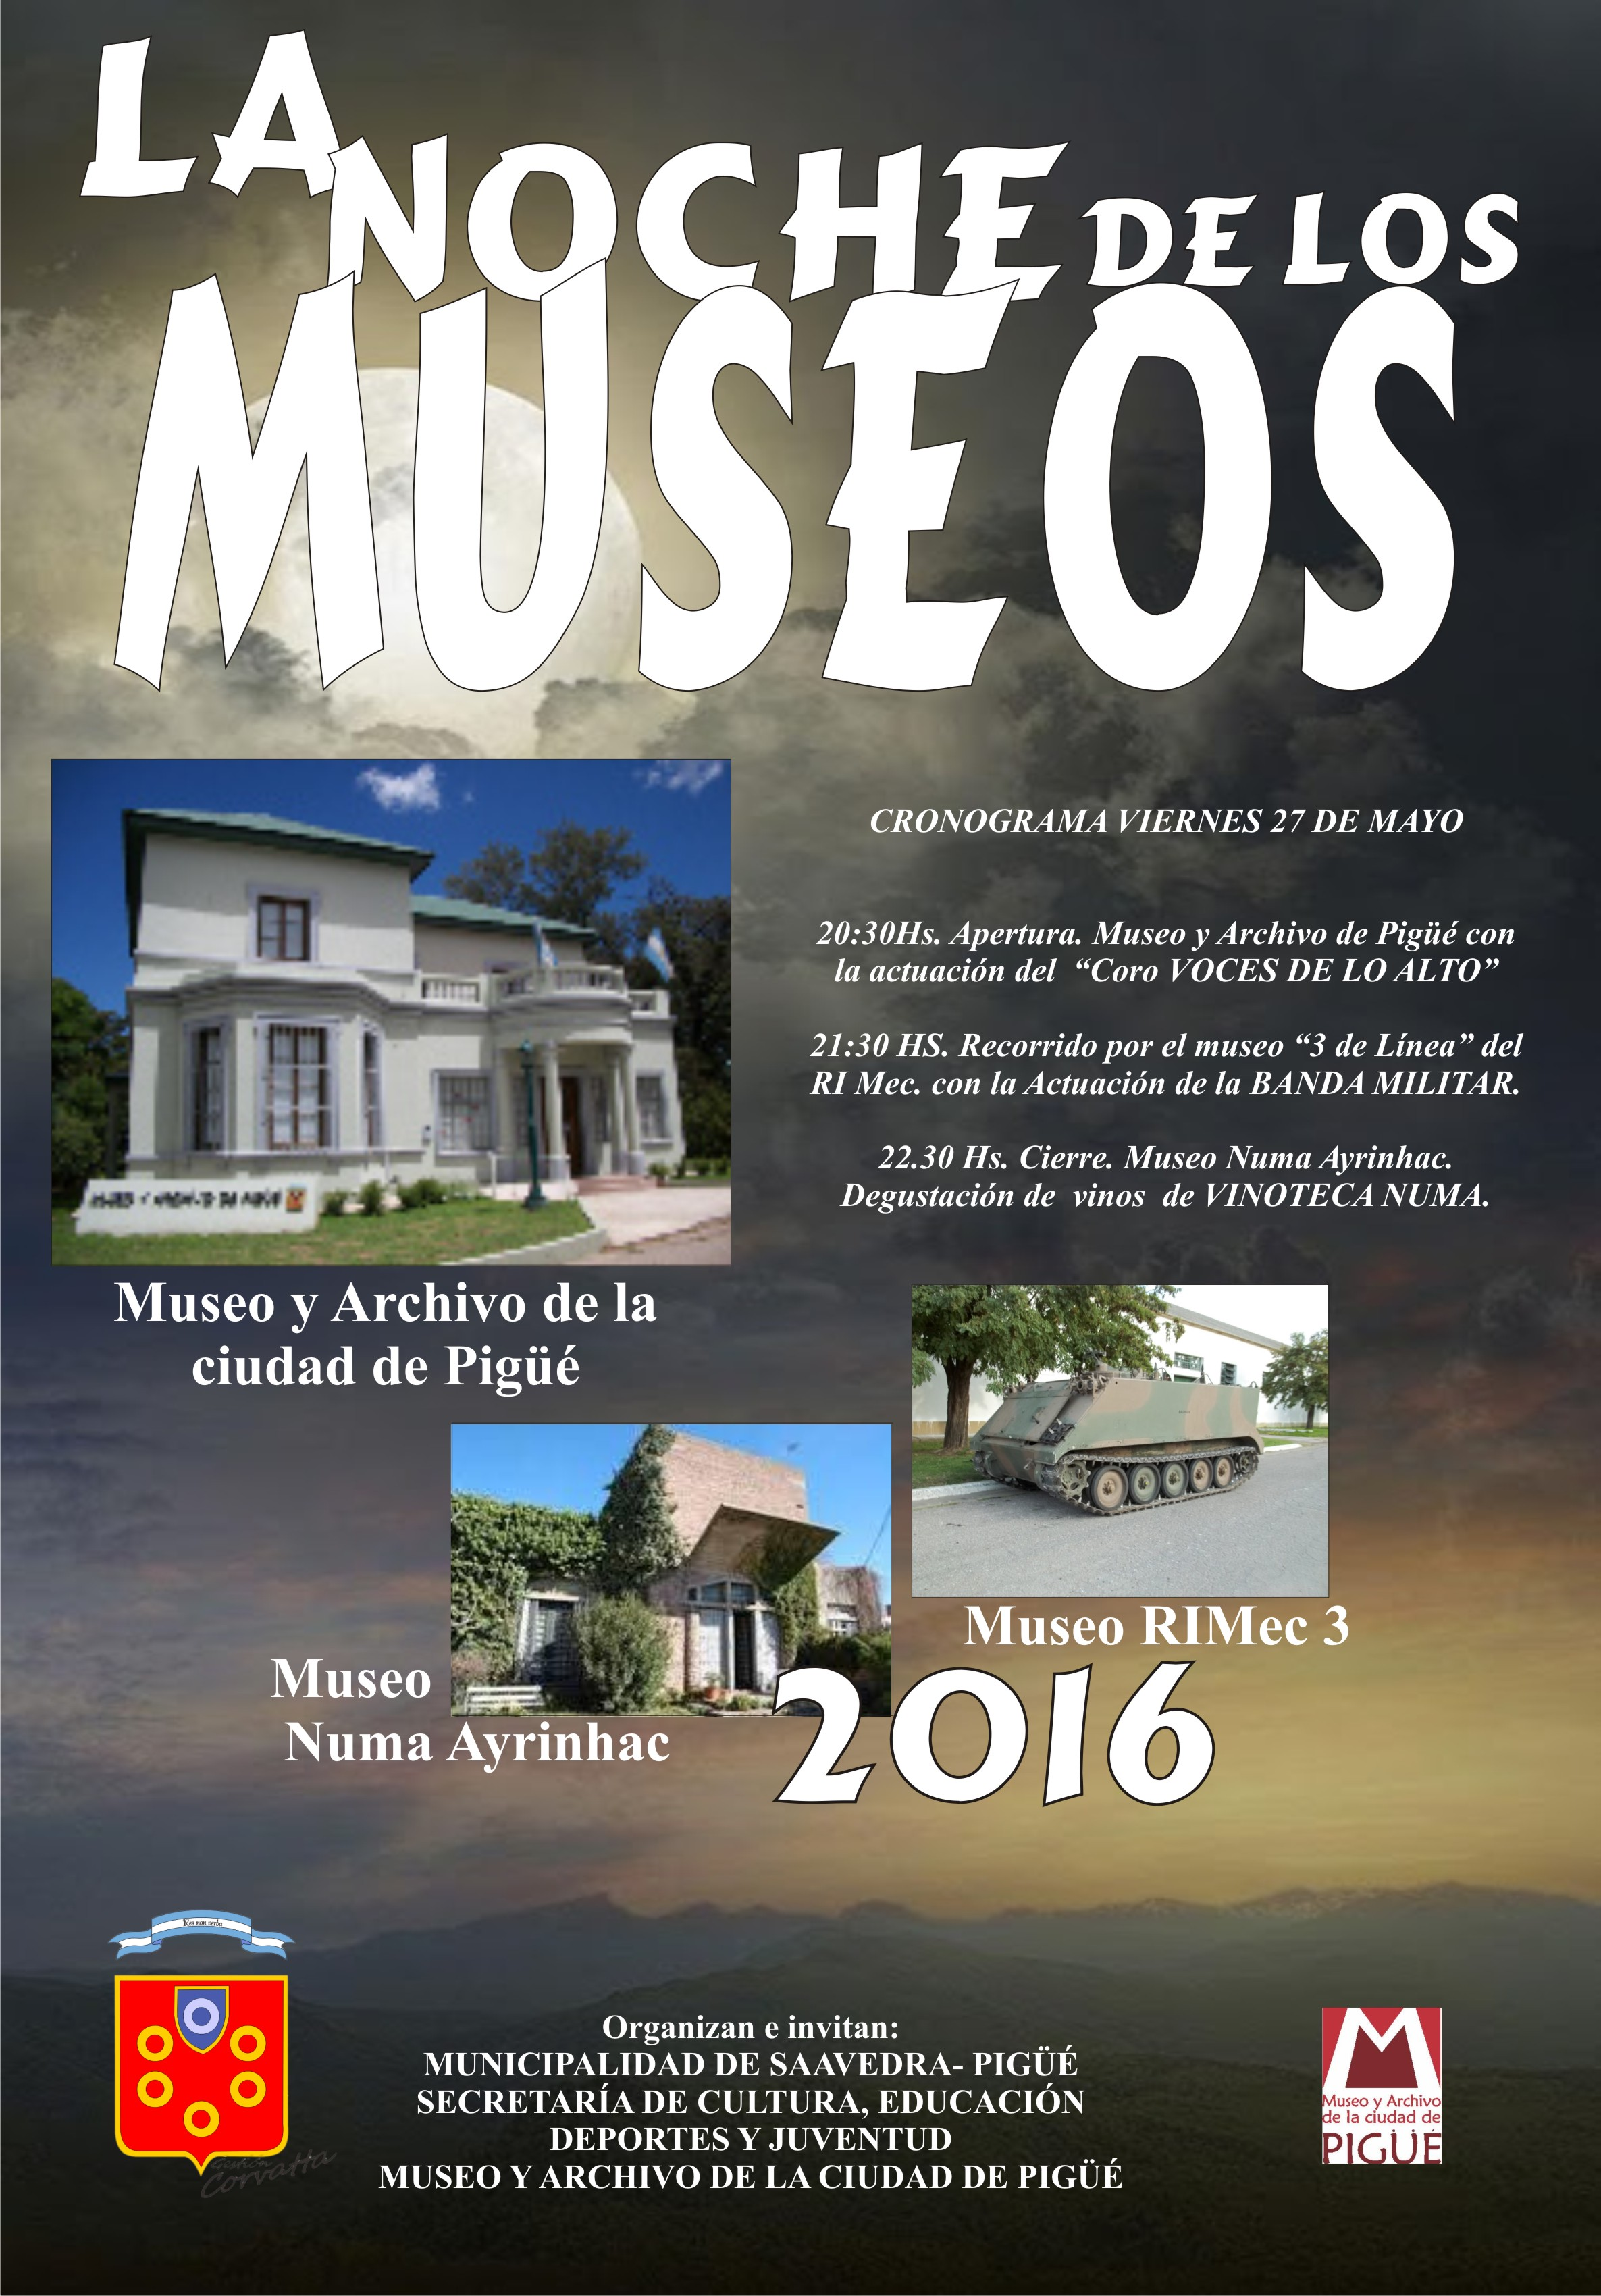 La Noche de los Museos en Pigüé